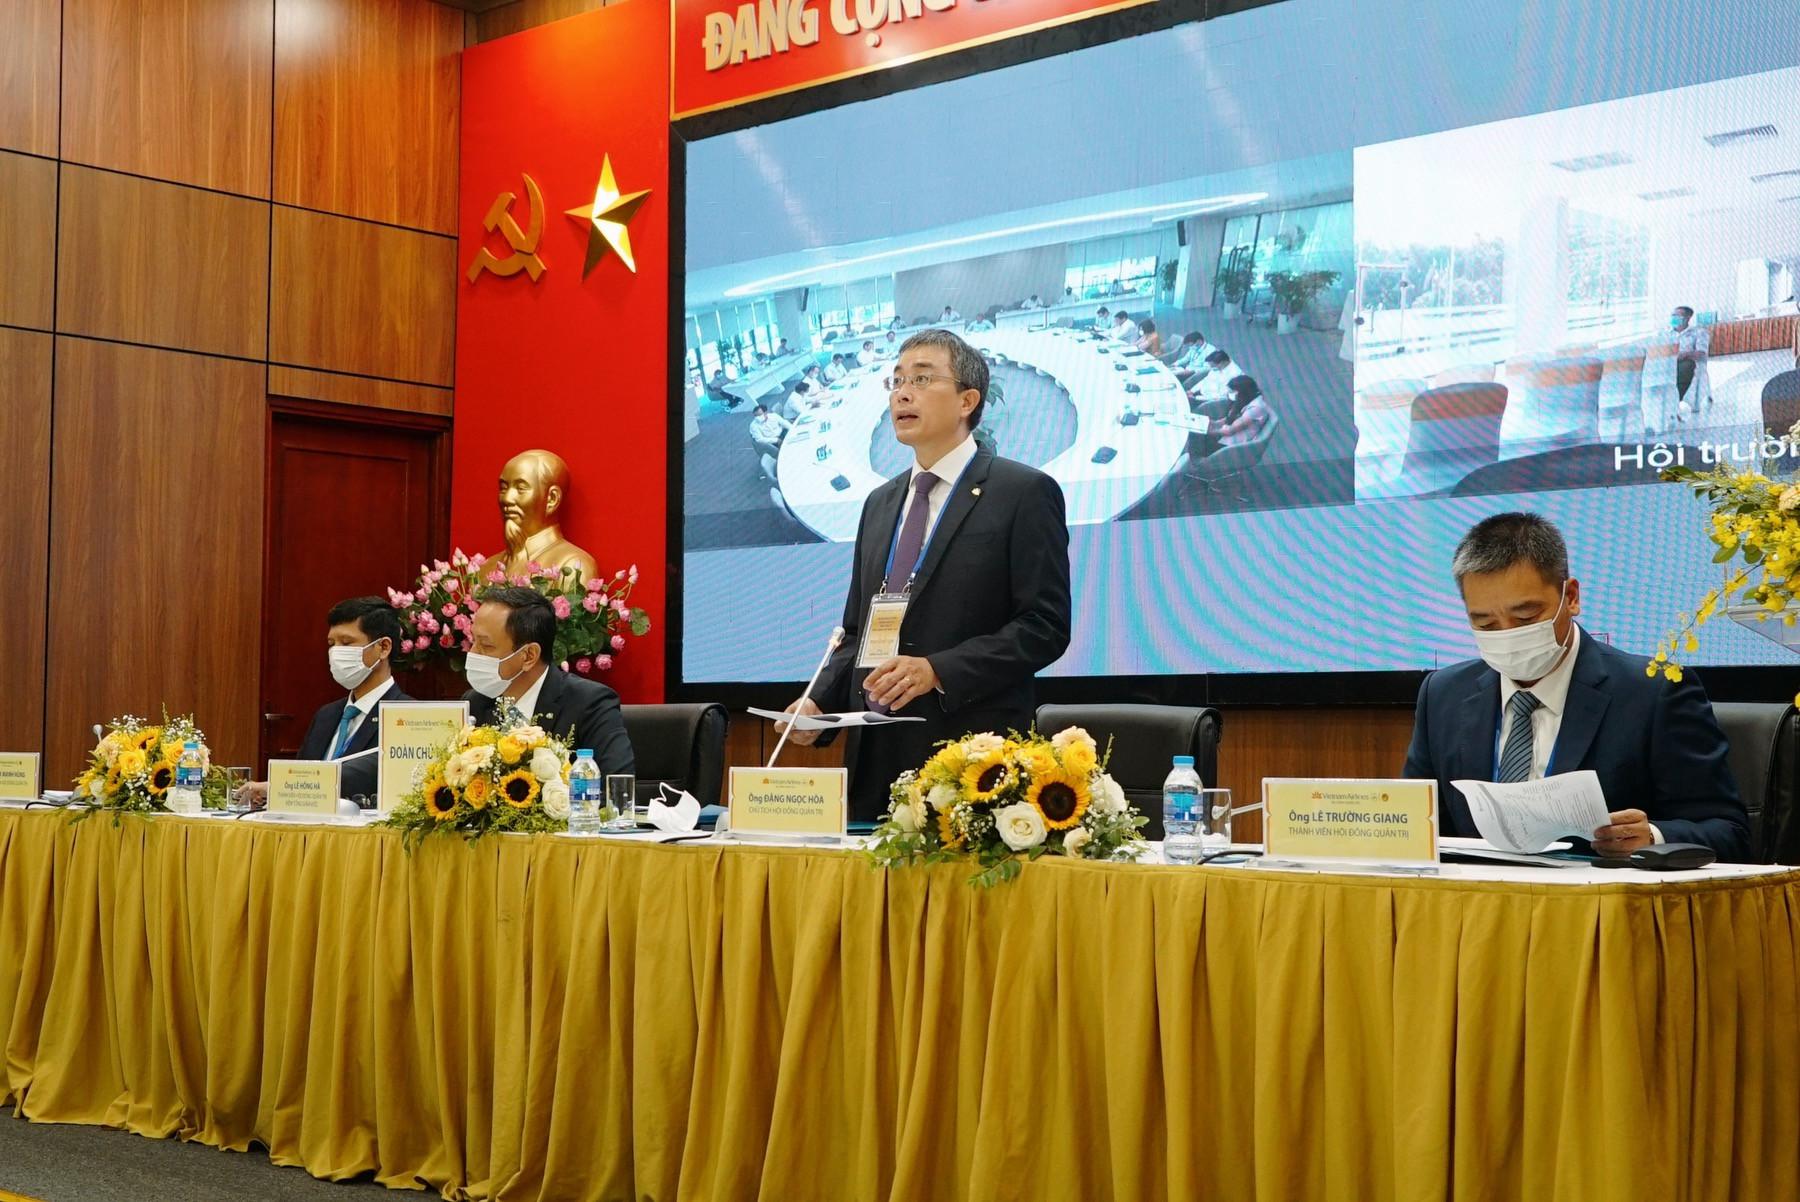 Vietnam Airlines: Doanh thu chở hàng lớn hơn chở khách, tại sao chưa lập hãng chuyên chở hàng hóa? - Ảnh 1.